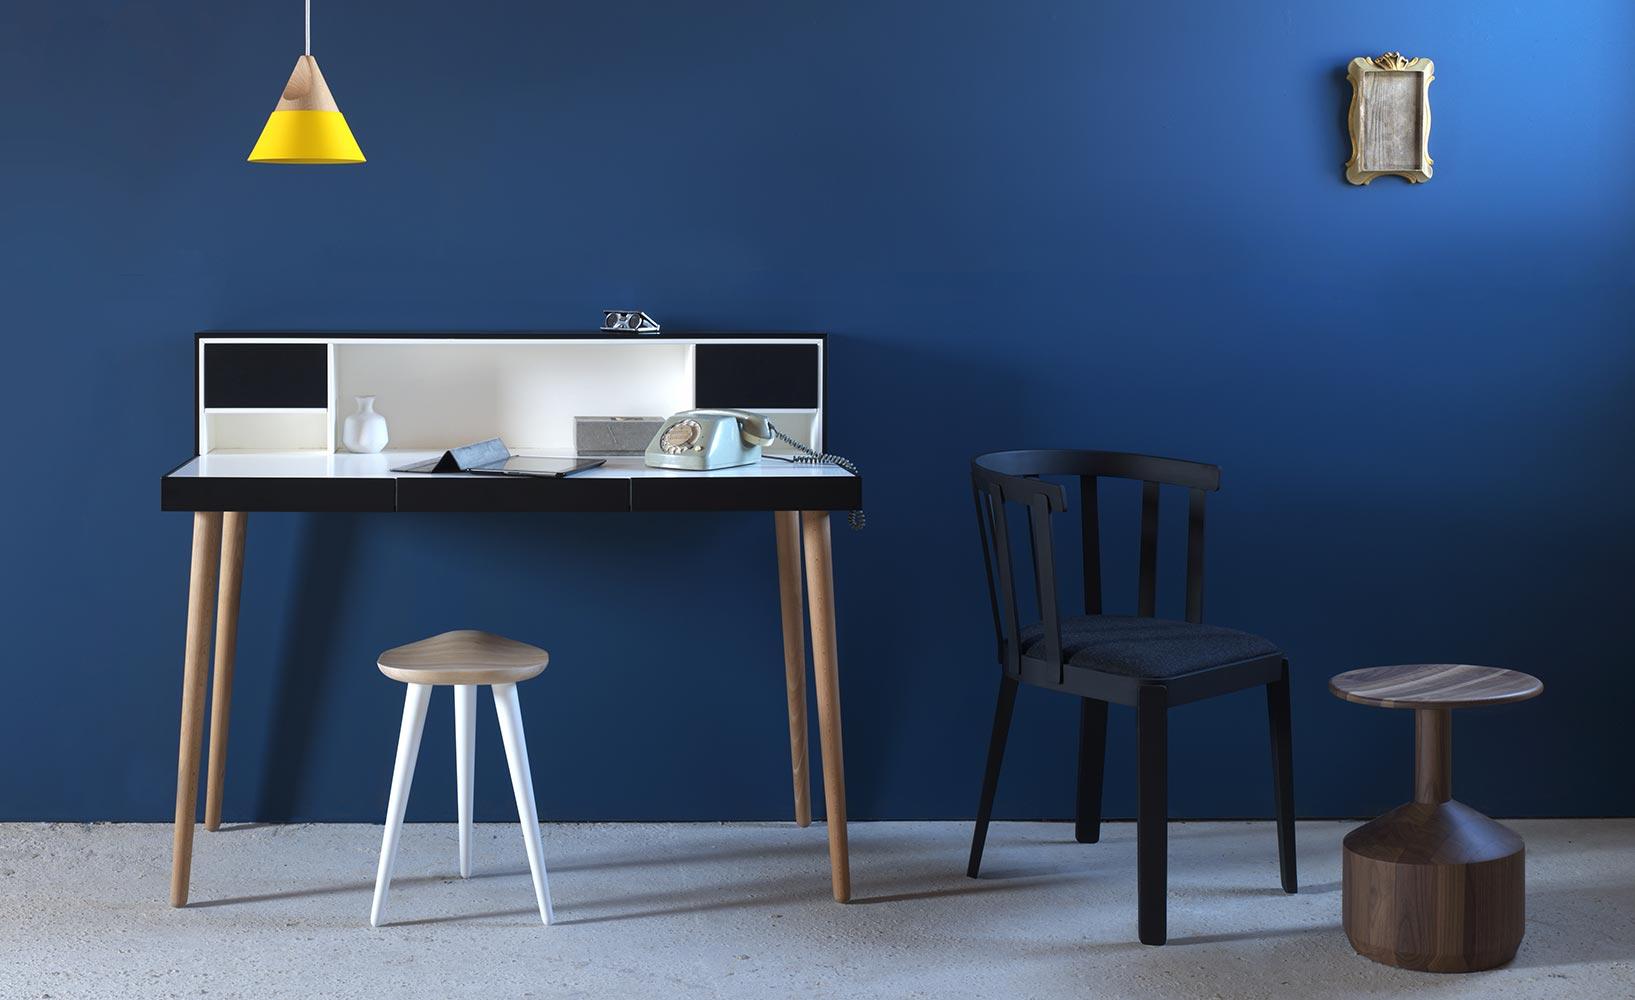 system und design beim einrichten des arbeitszimmers zuhause. Black Bedroom Furniture Sets. Home Design Ideas